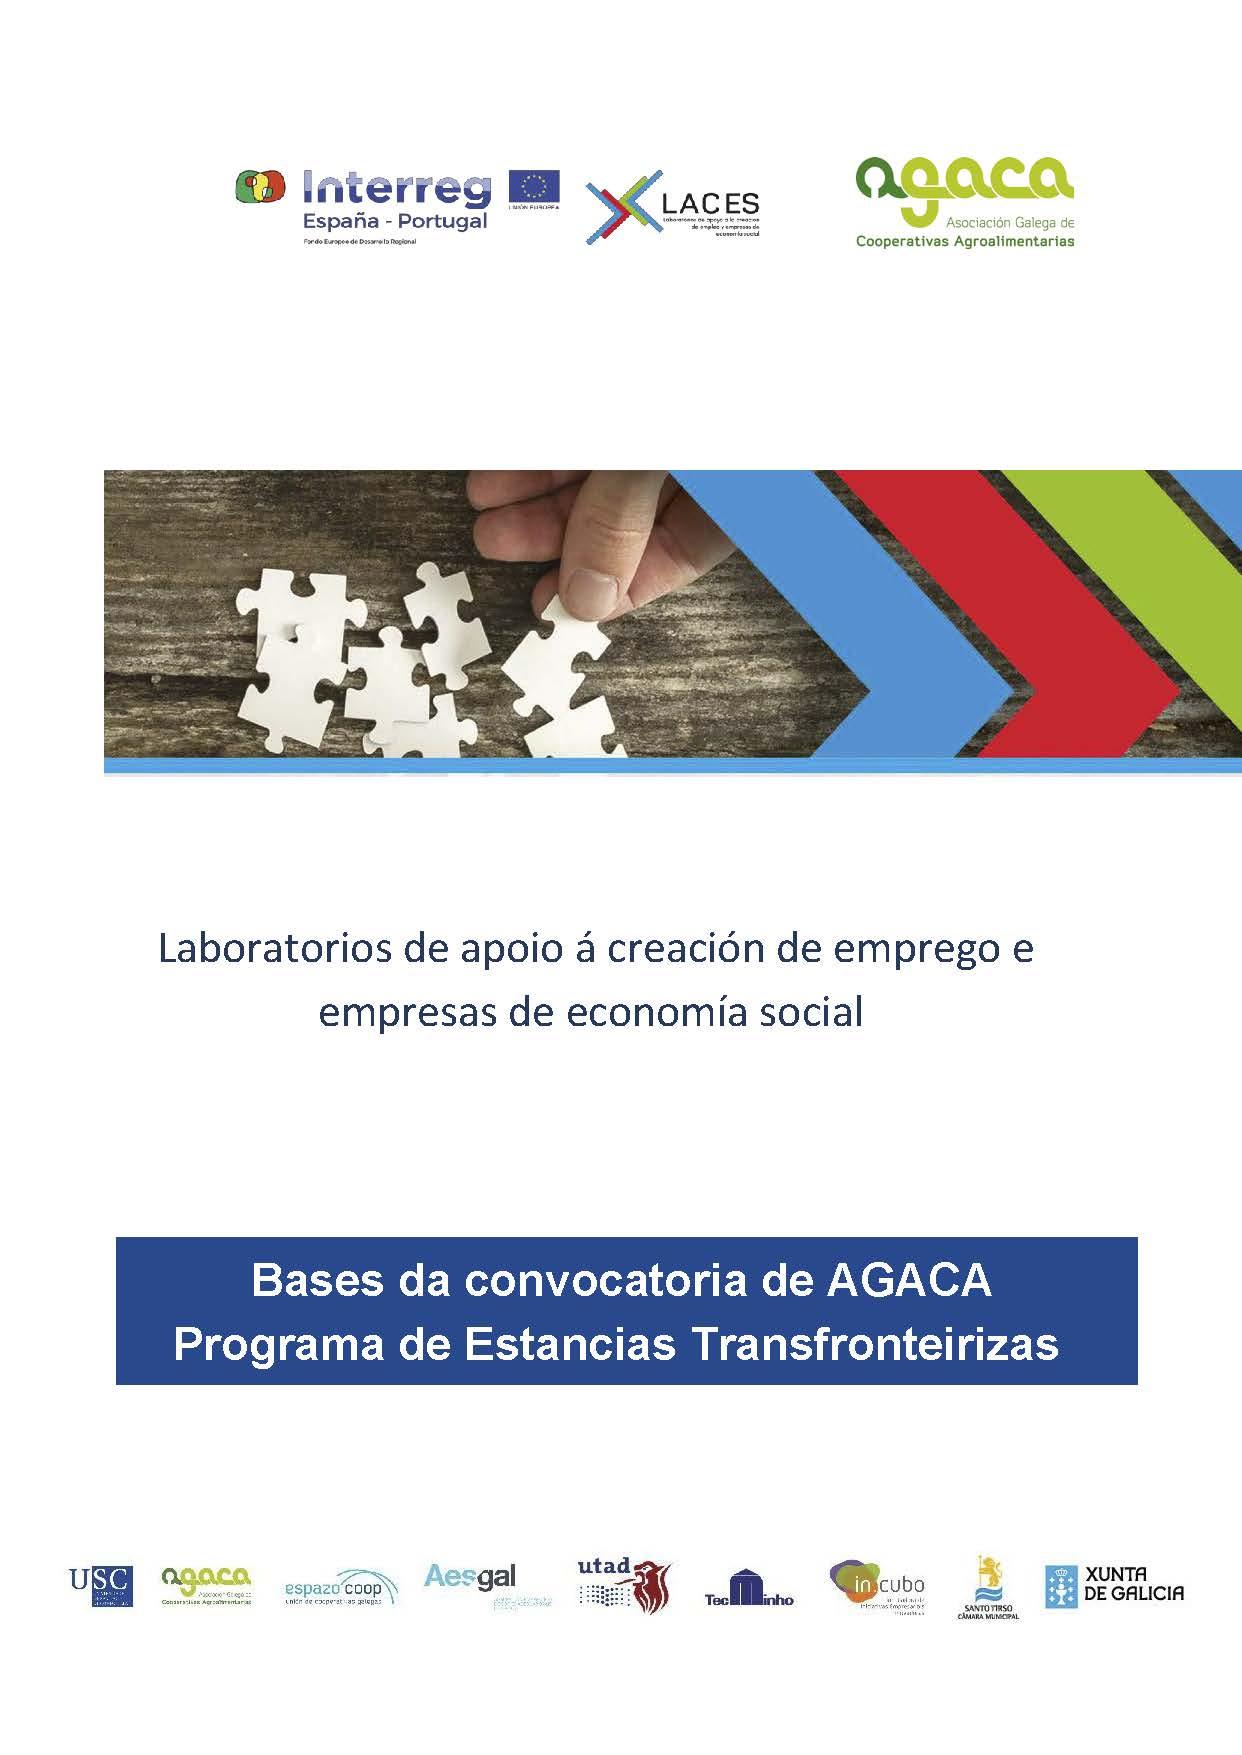 LACES: Ábrese convocatoria para estancias transfronteirizas en Portugal